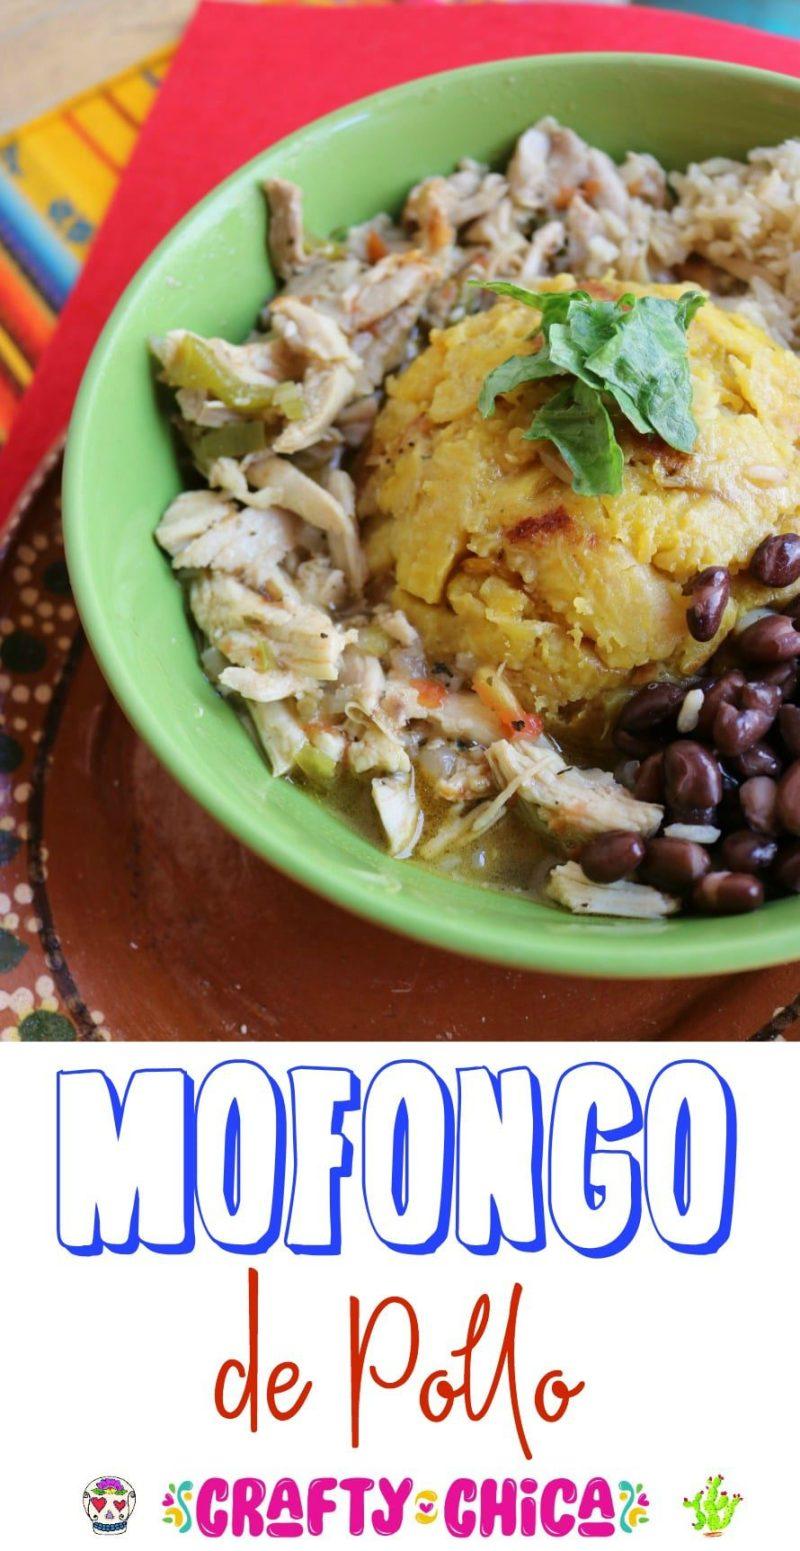 Mofongo-de-pollo